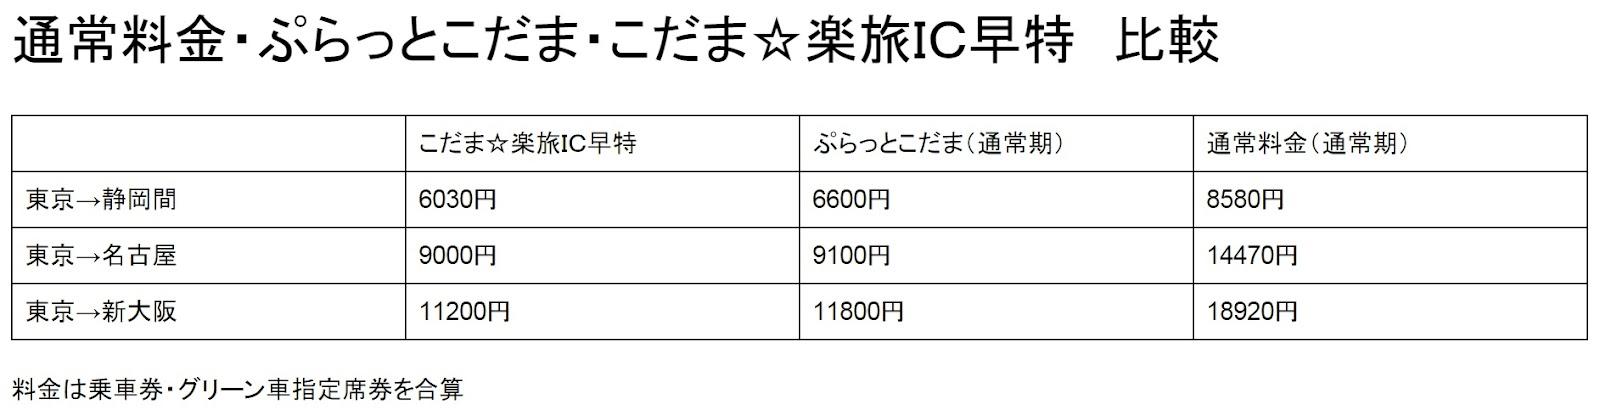 通常料金・ぷらっとこだま・こだま☆楽旅IC早特 比較